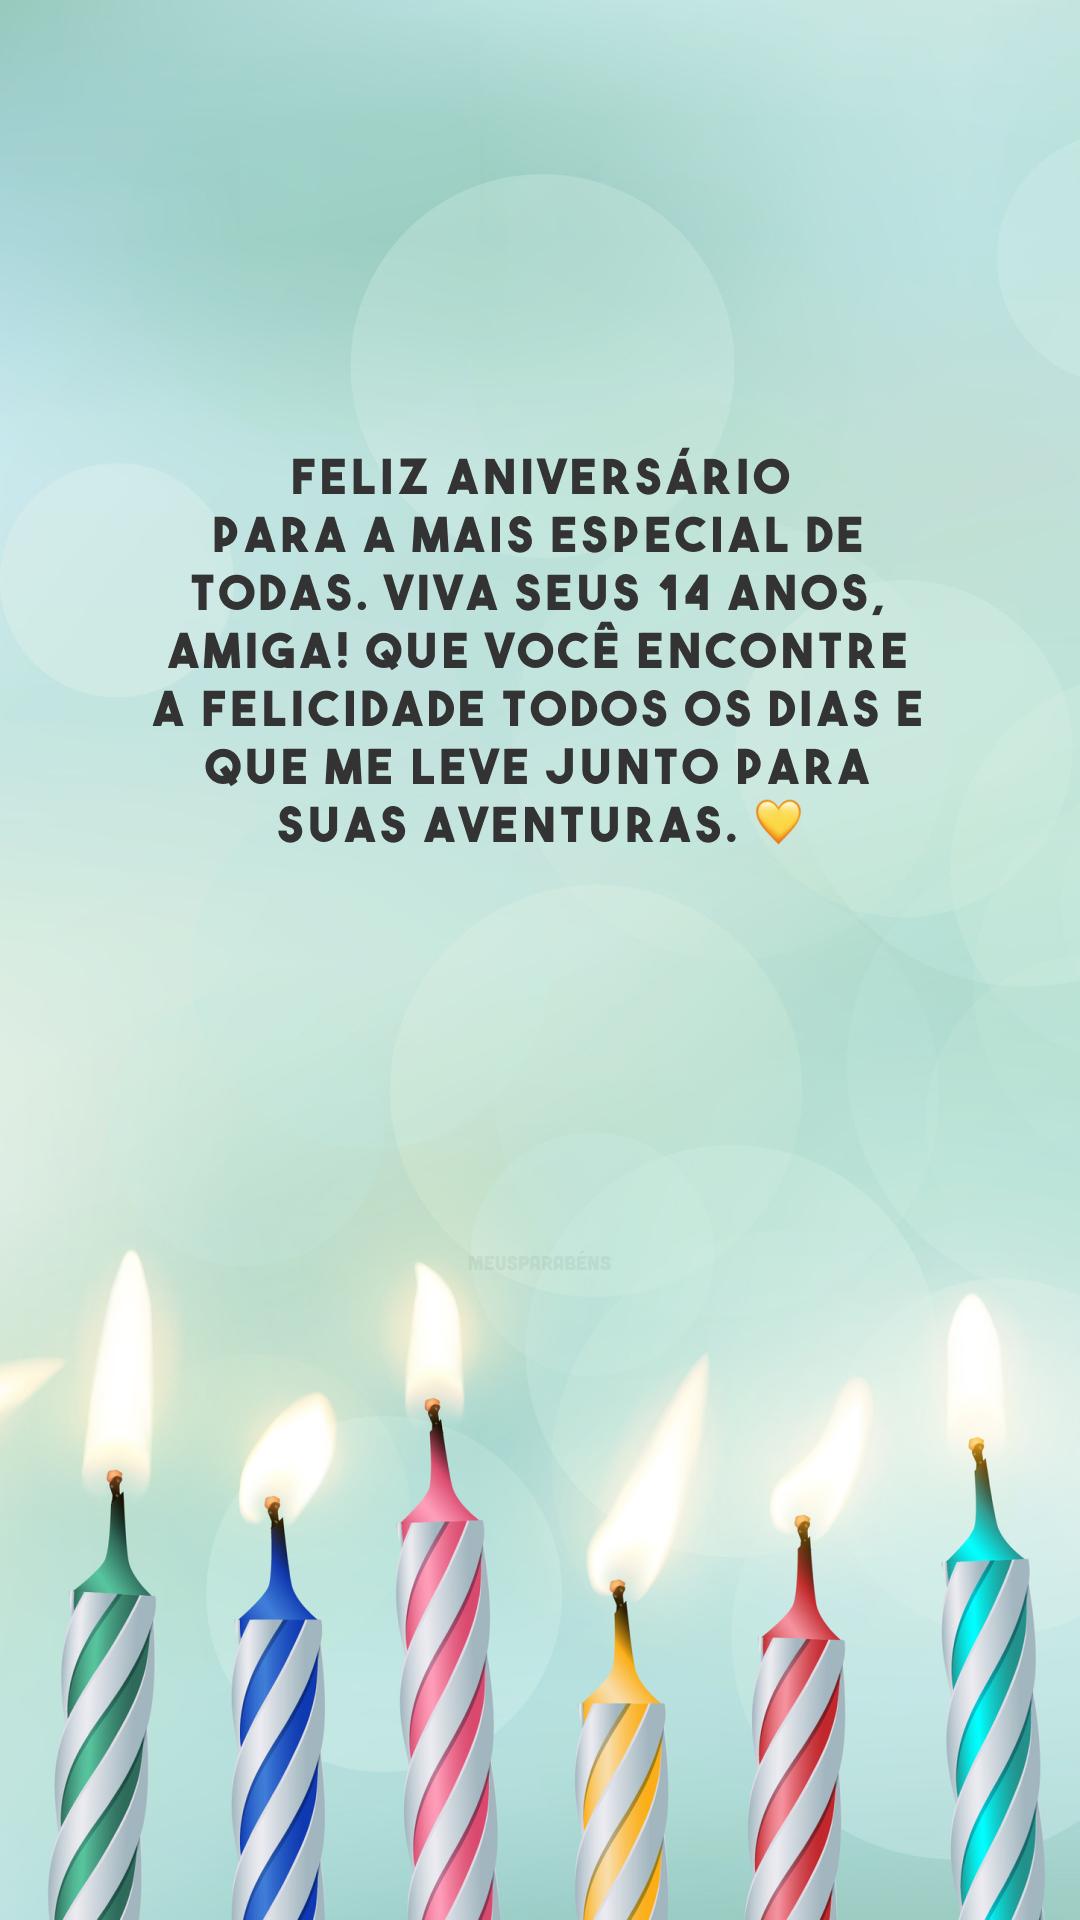 Feliz aniversário para a mais especial de todas. Viva seus 14 anos, amiga! Que você encontre a felicidade todos os dias e que me leve junto para suas aventuras. 💛